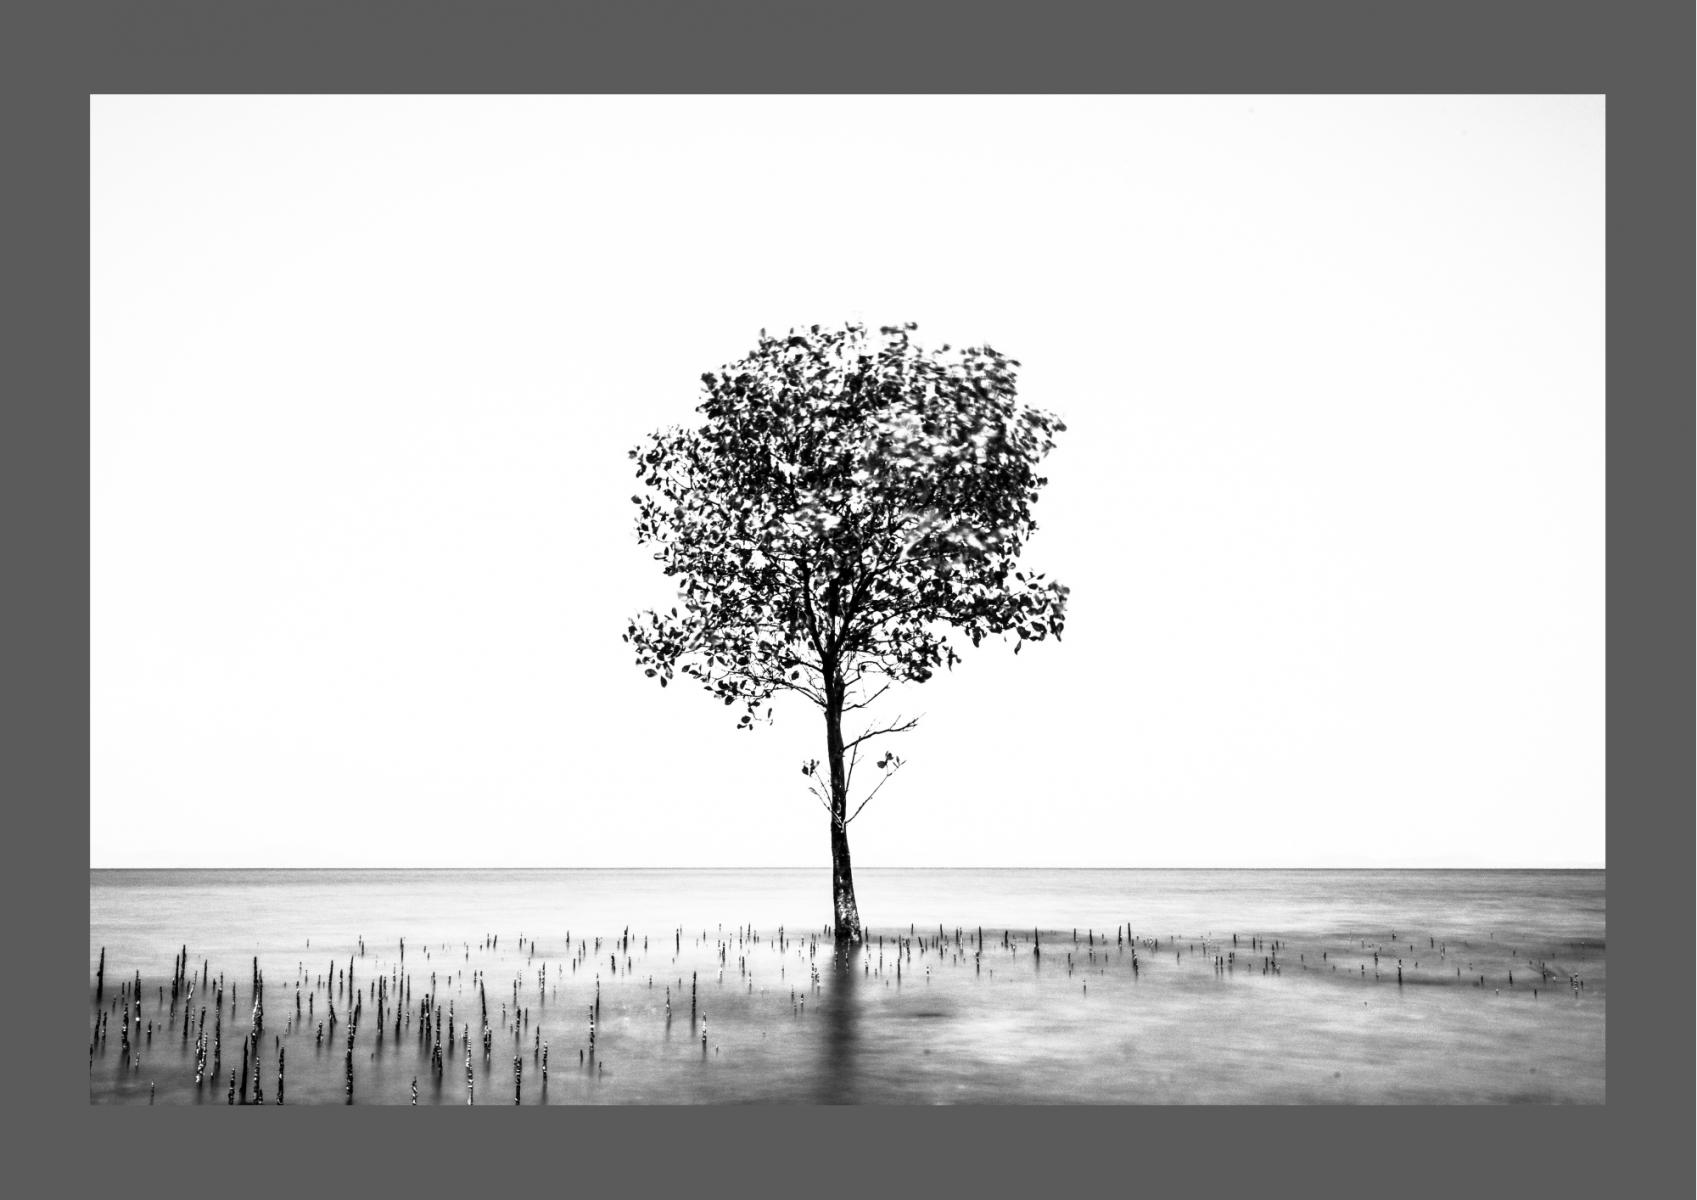 Alla ricerca della semplicità